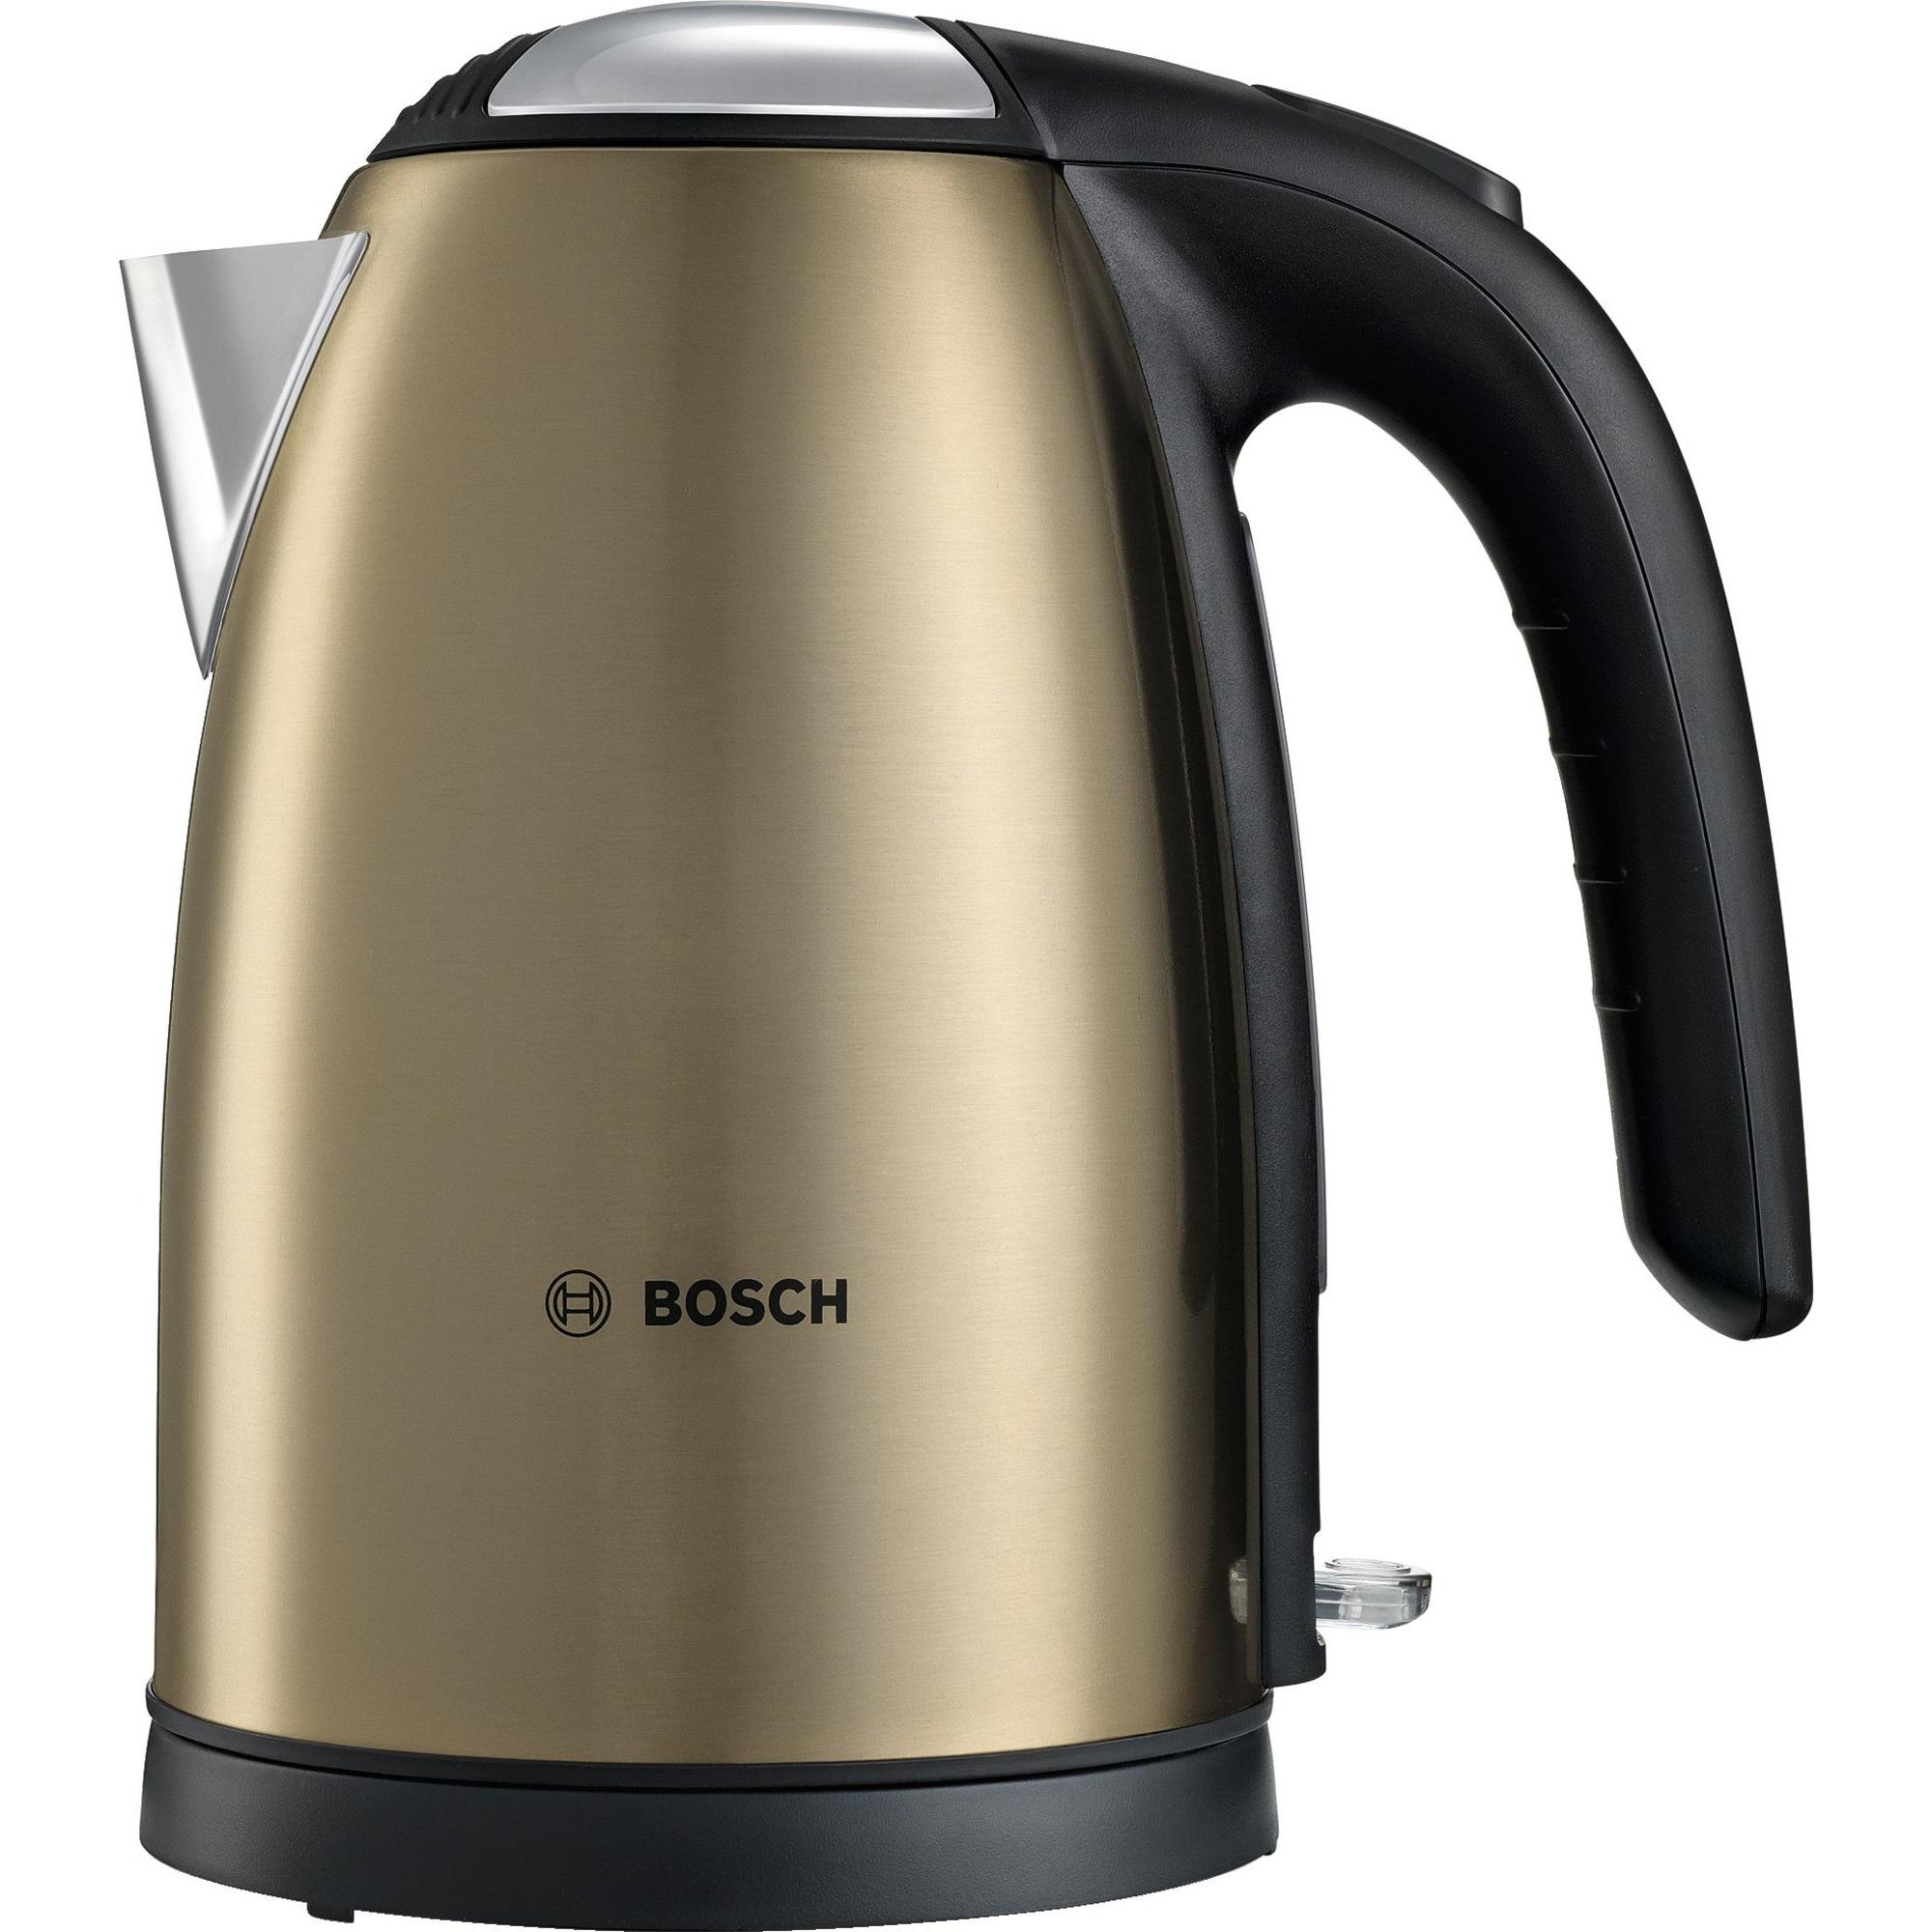 Bosch TWK7808 Vattenkokare Rostfritt stål – Golden